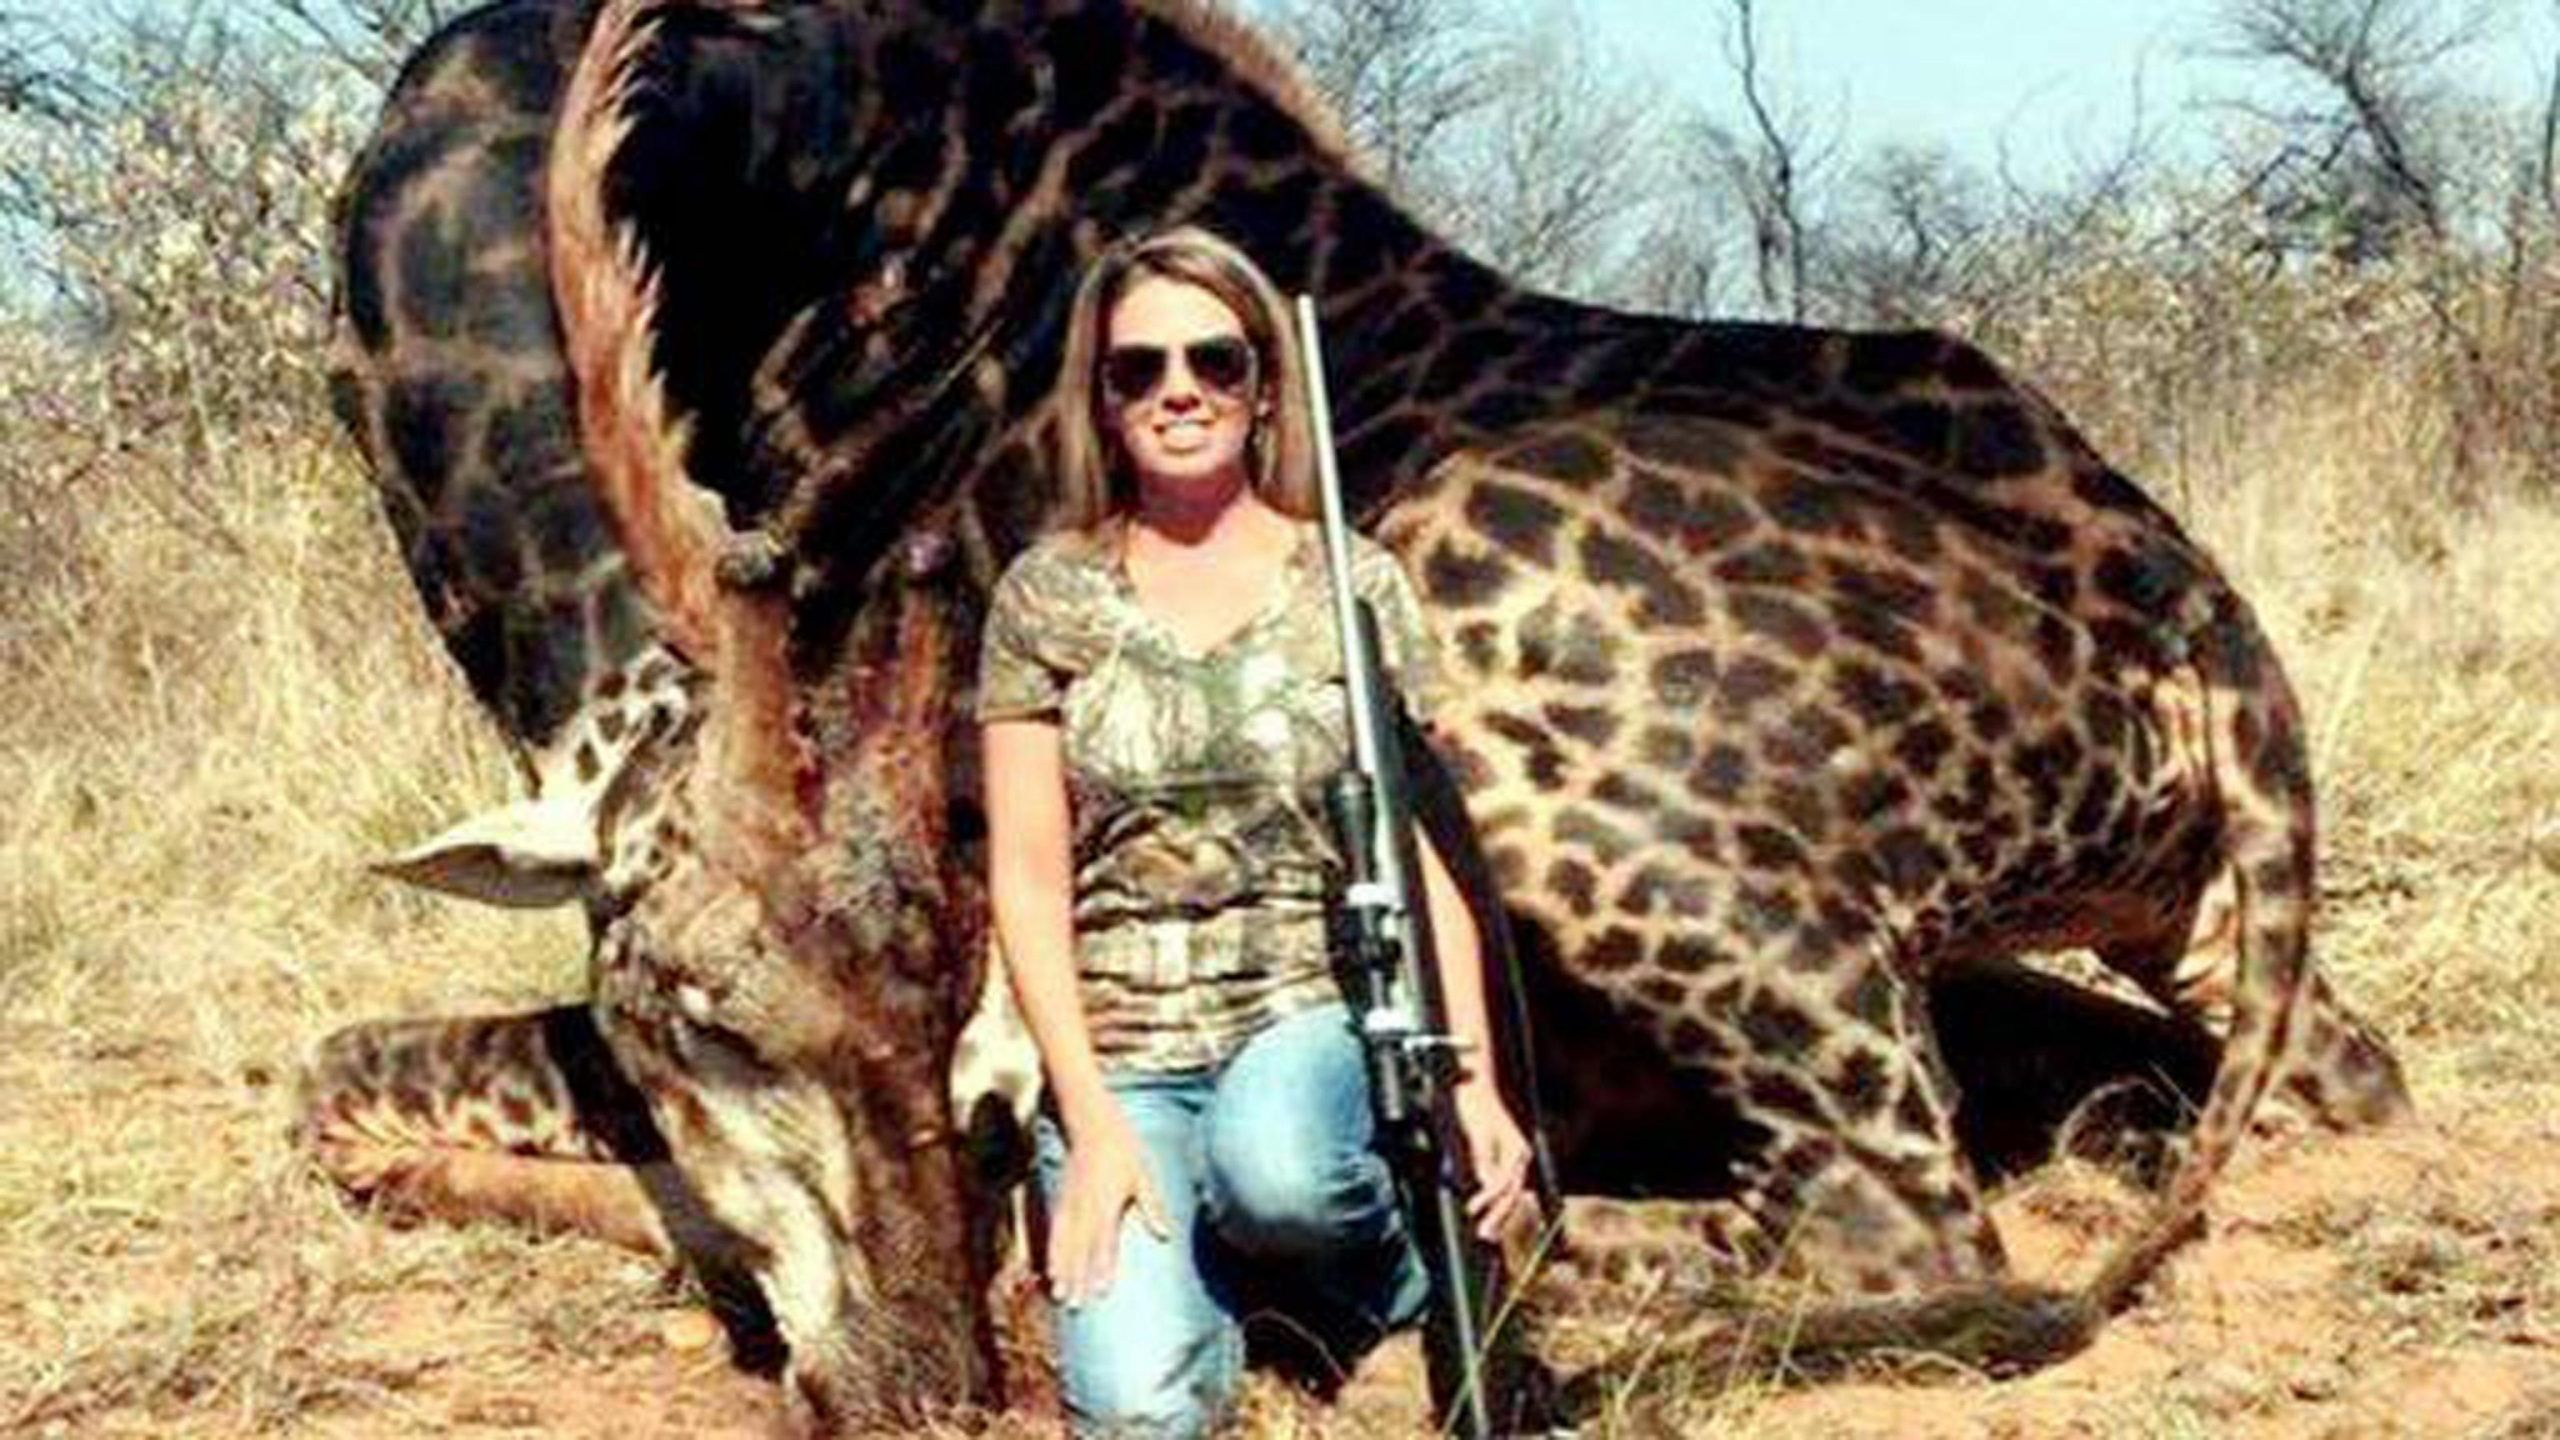 Uccide una rara giraffa nera e posta la foto su Facebook: scatta la tempesta social